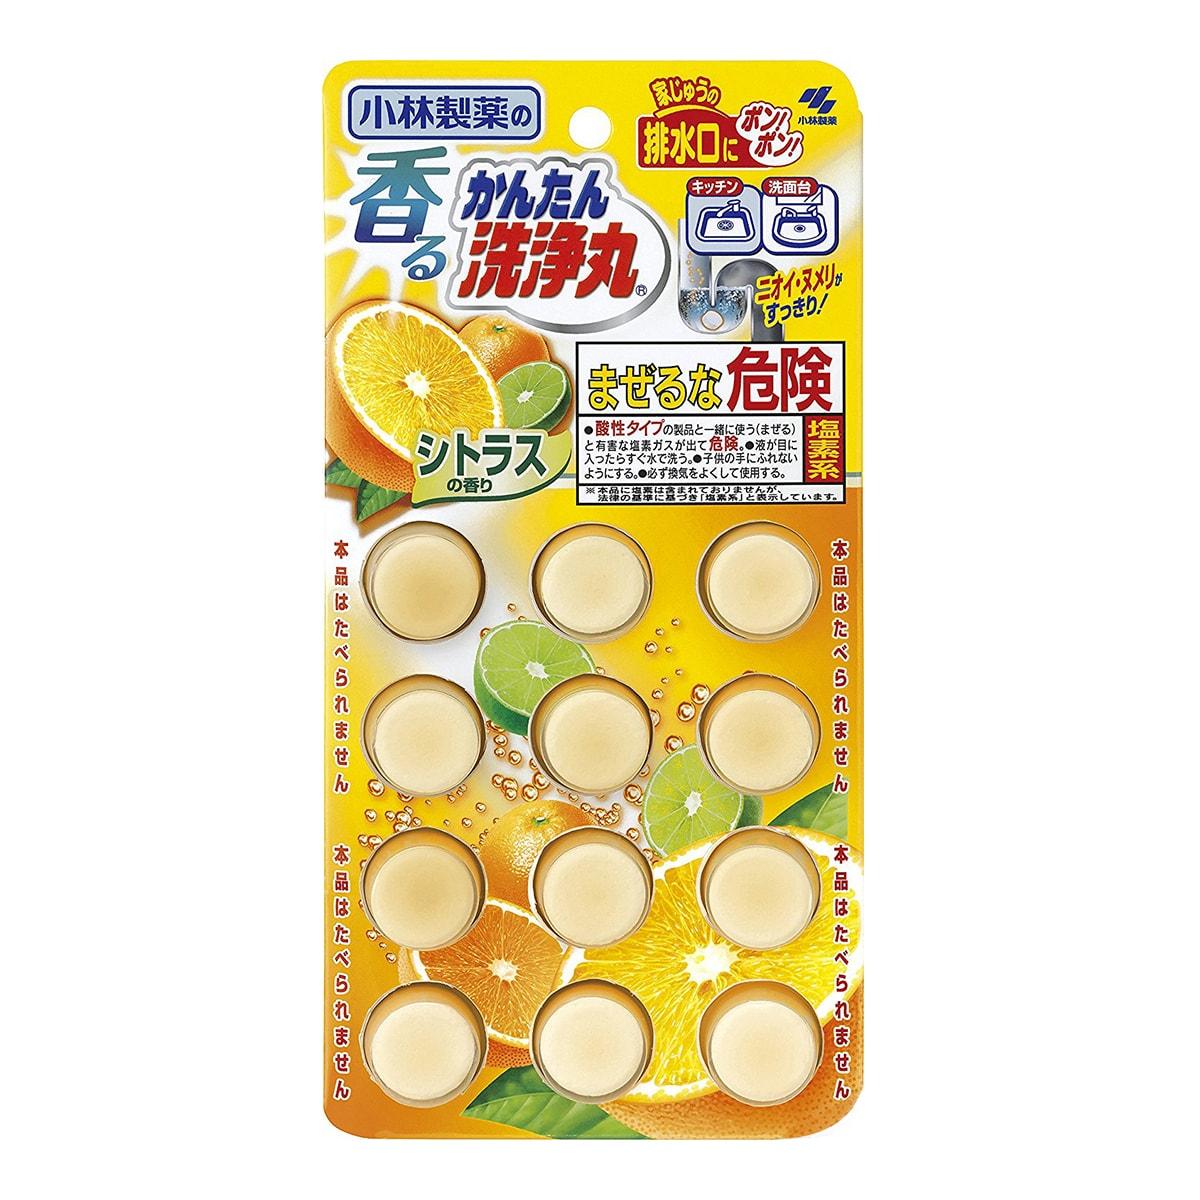 日本KOBAYASHI小林制药 多功能强力下水道清洗丸 柑橘香 12枚入